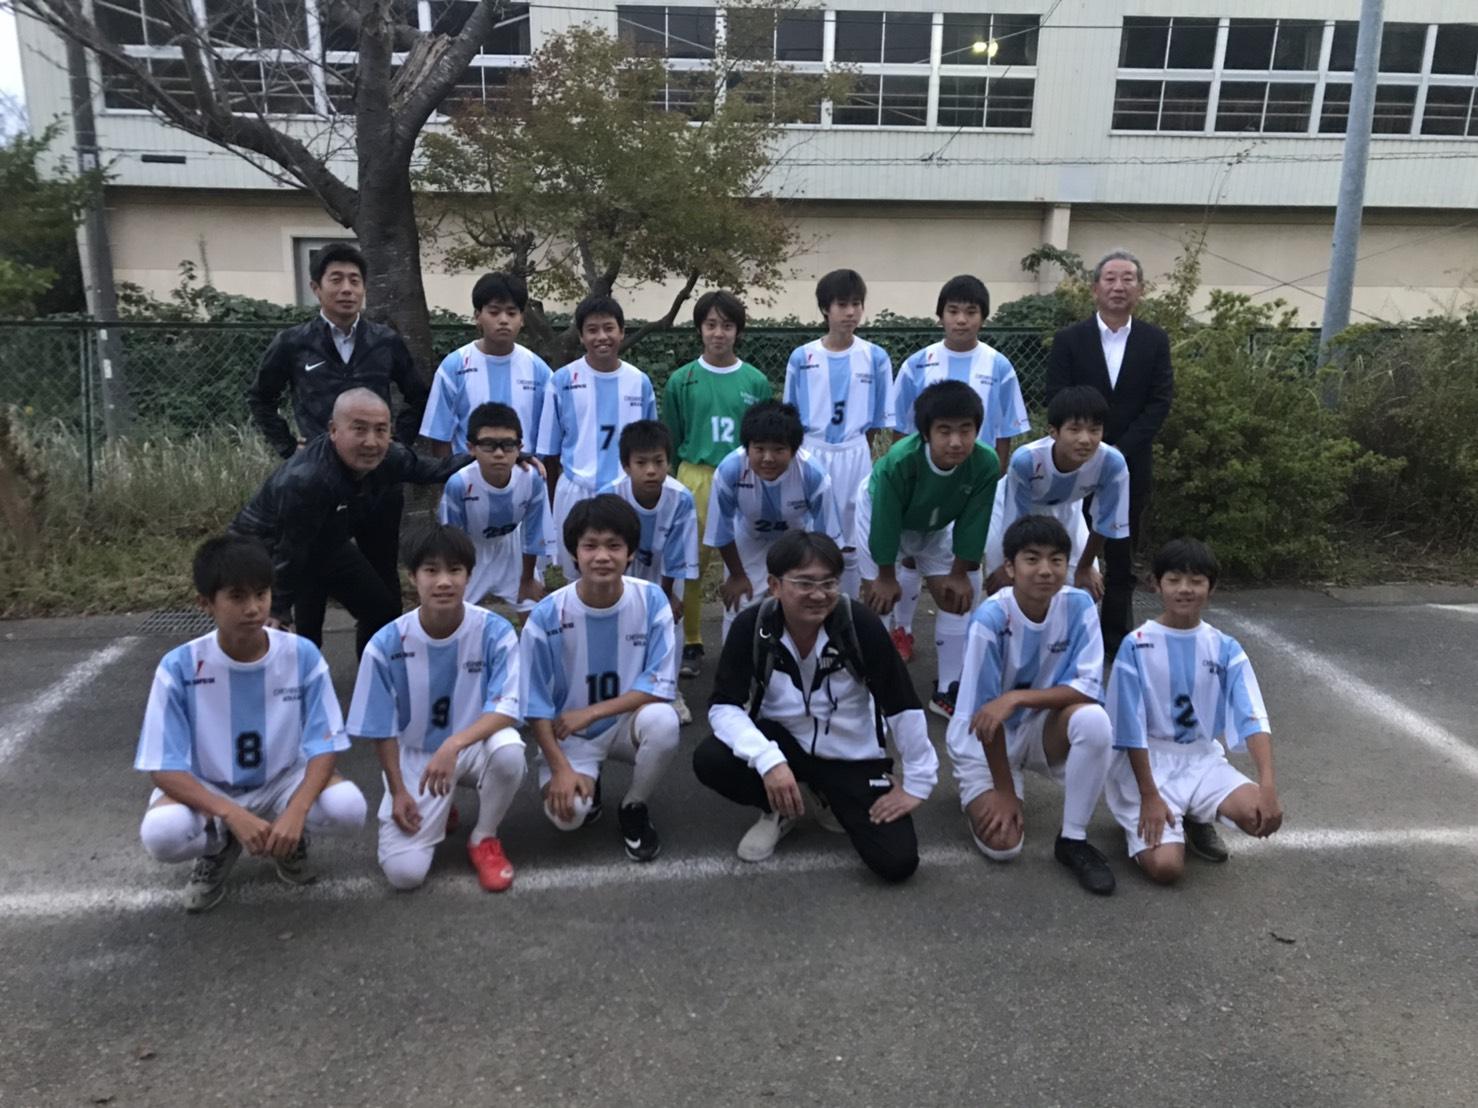 中学校のサッカー部へユニフォームを提供